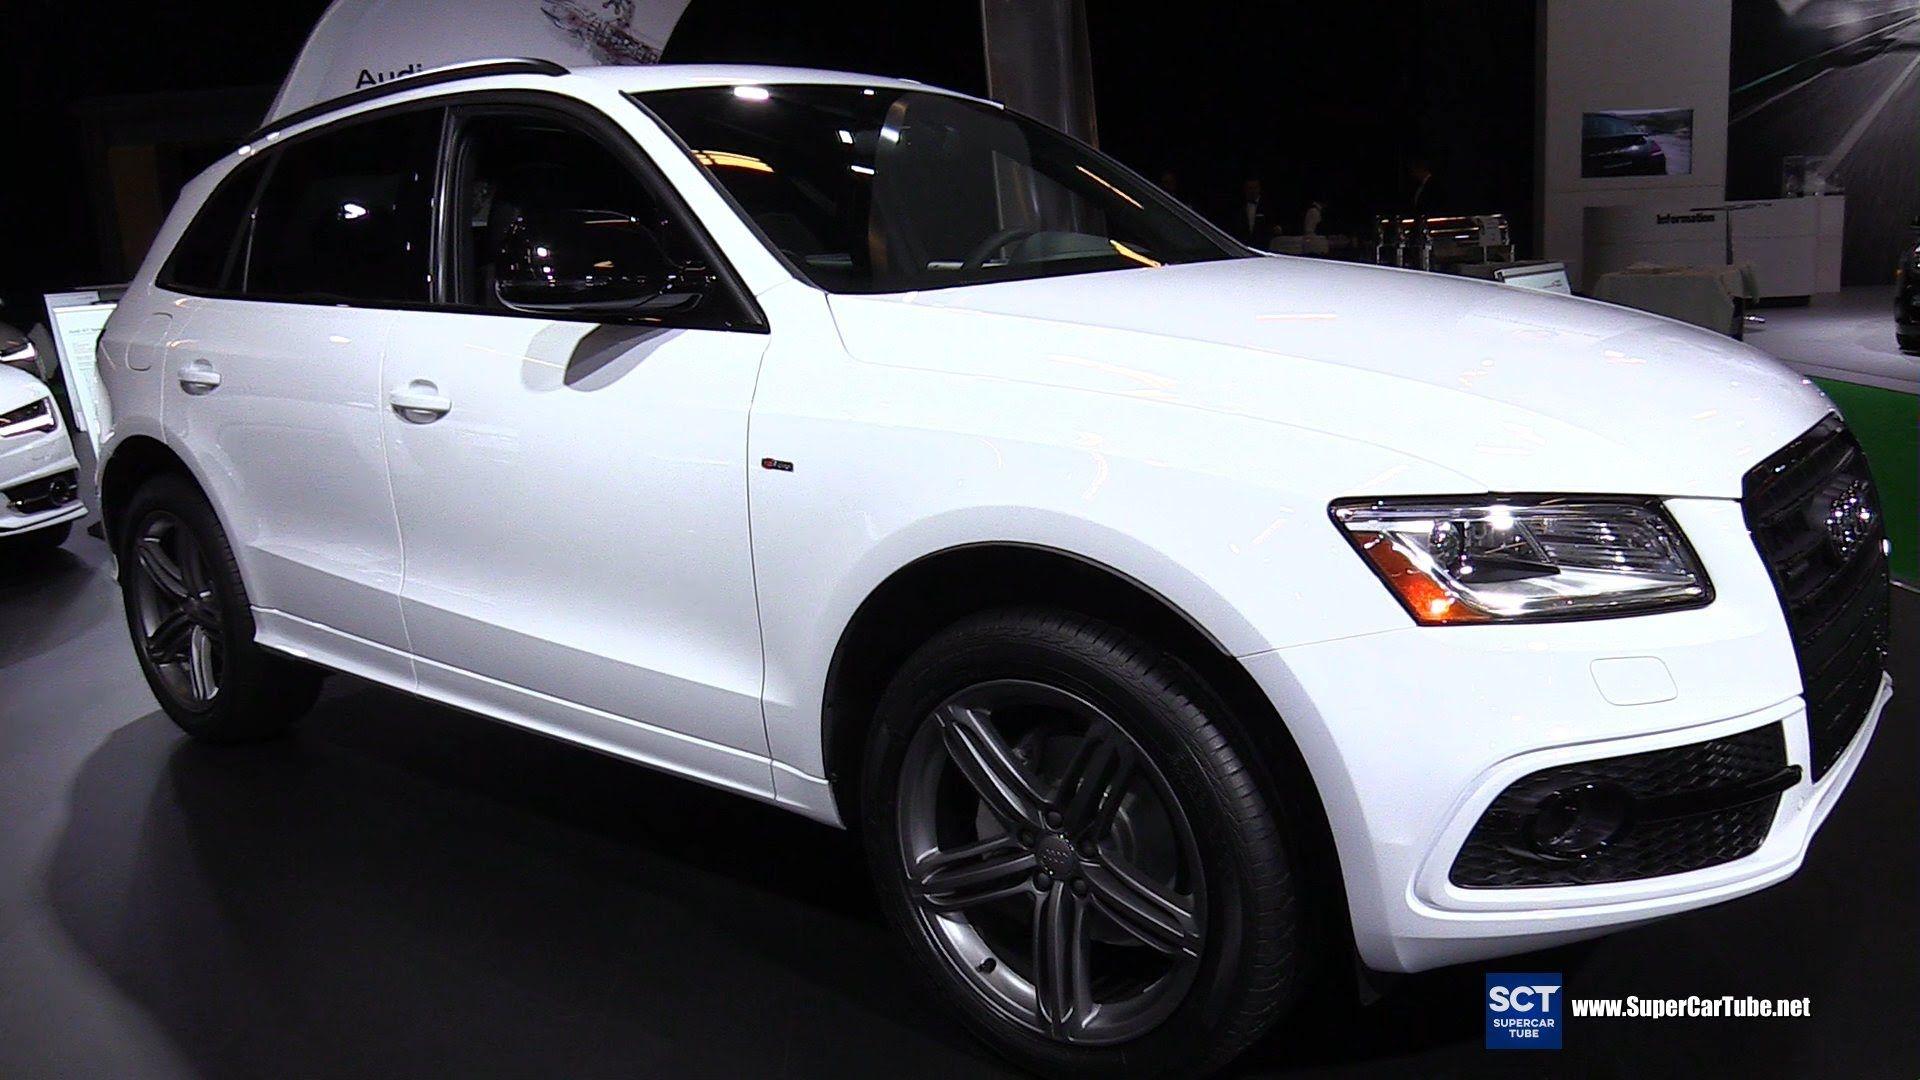 Kelebihan Kekurangan Audi Q5 2016 Spesifikasi